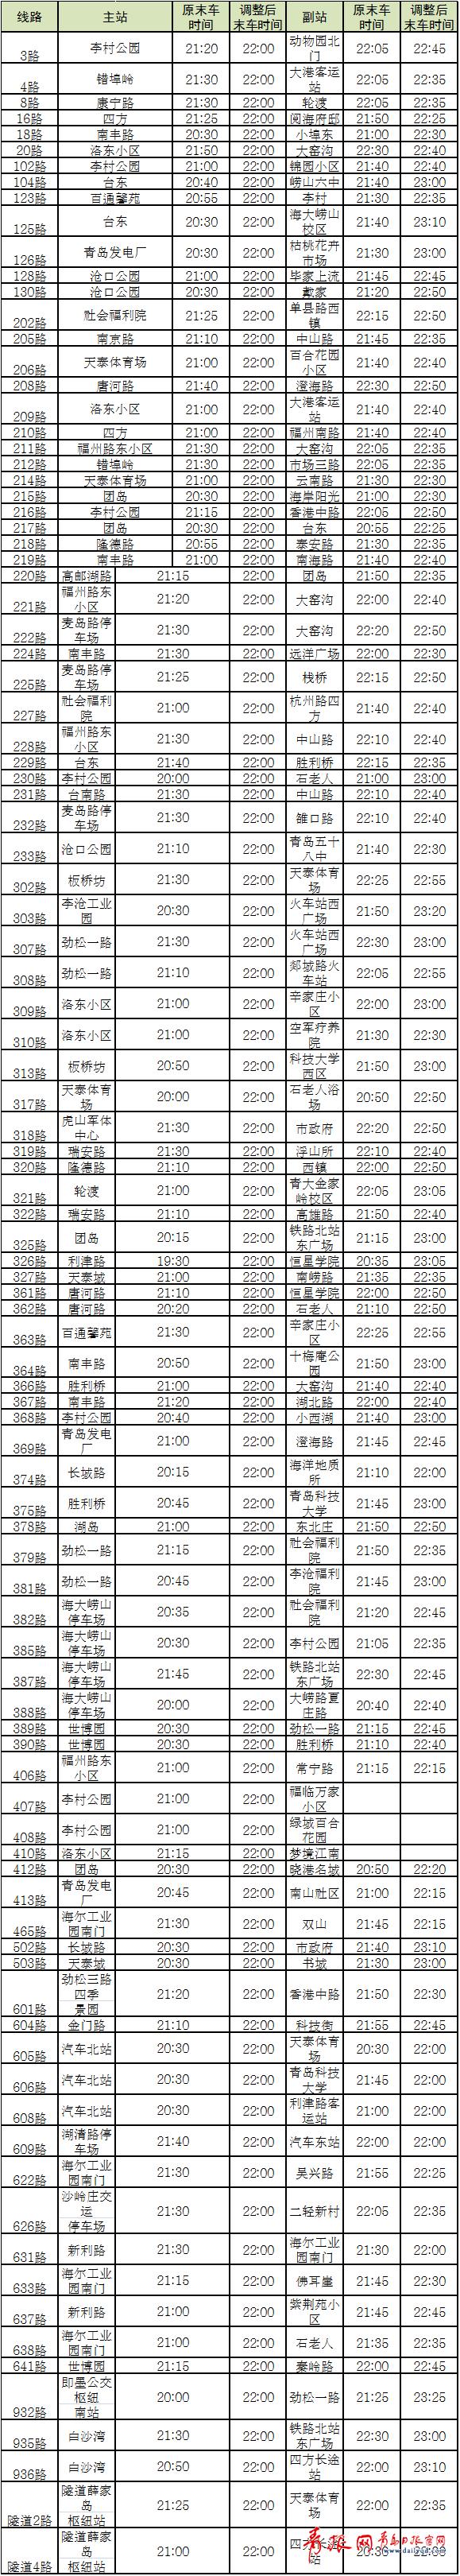 6日起青岛多条公交将调整101条线路末车延时